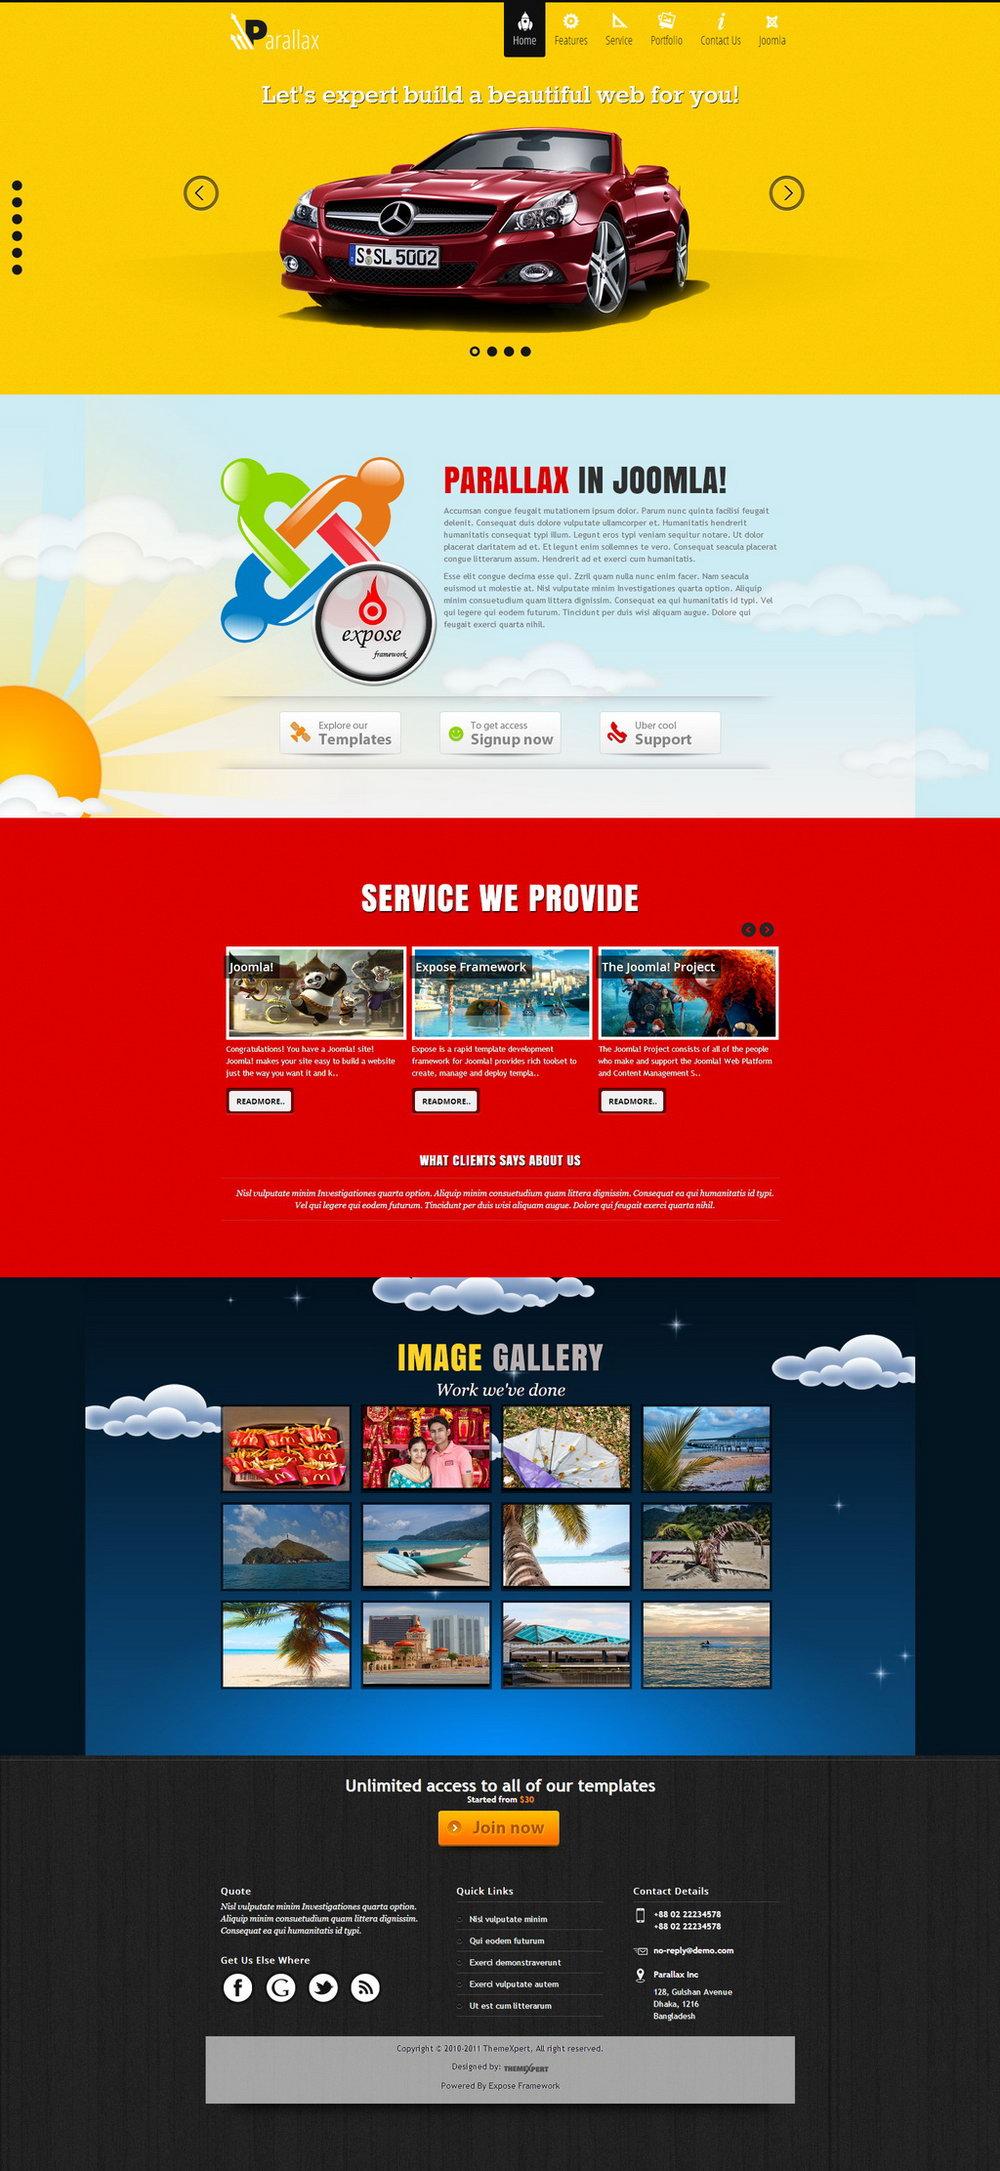 Parallax Website Template Wordpress